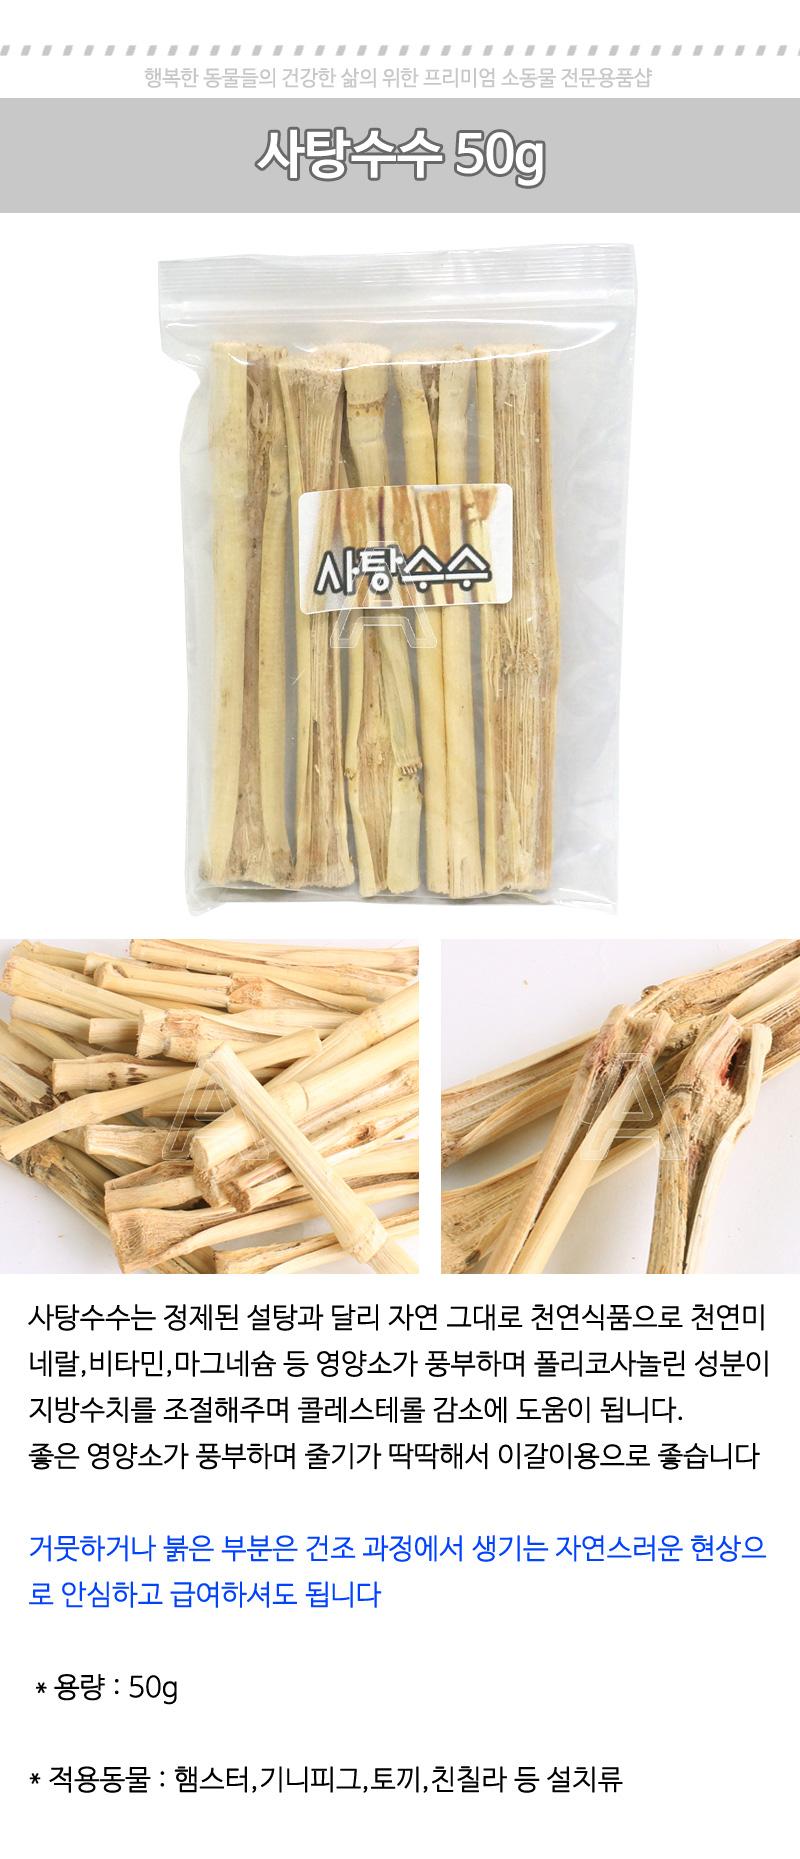 사탕수수 50g - 에이펫, 2,000원, 햄스터/다람쥐용품, 간식